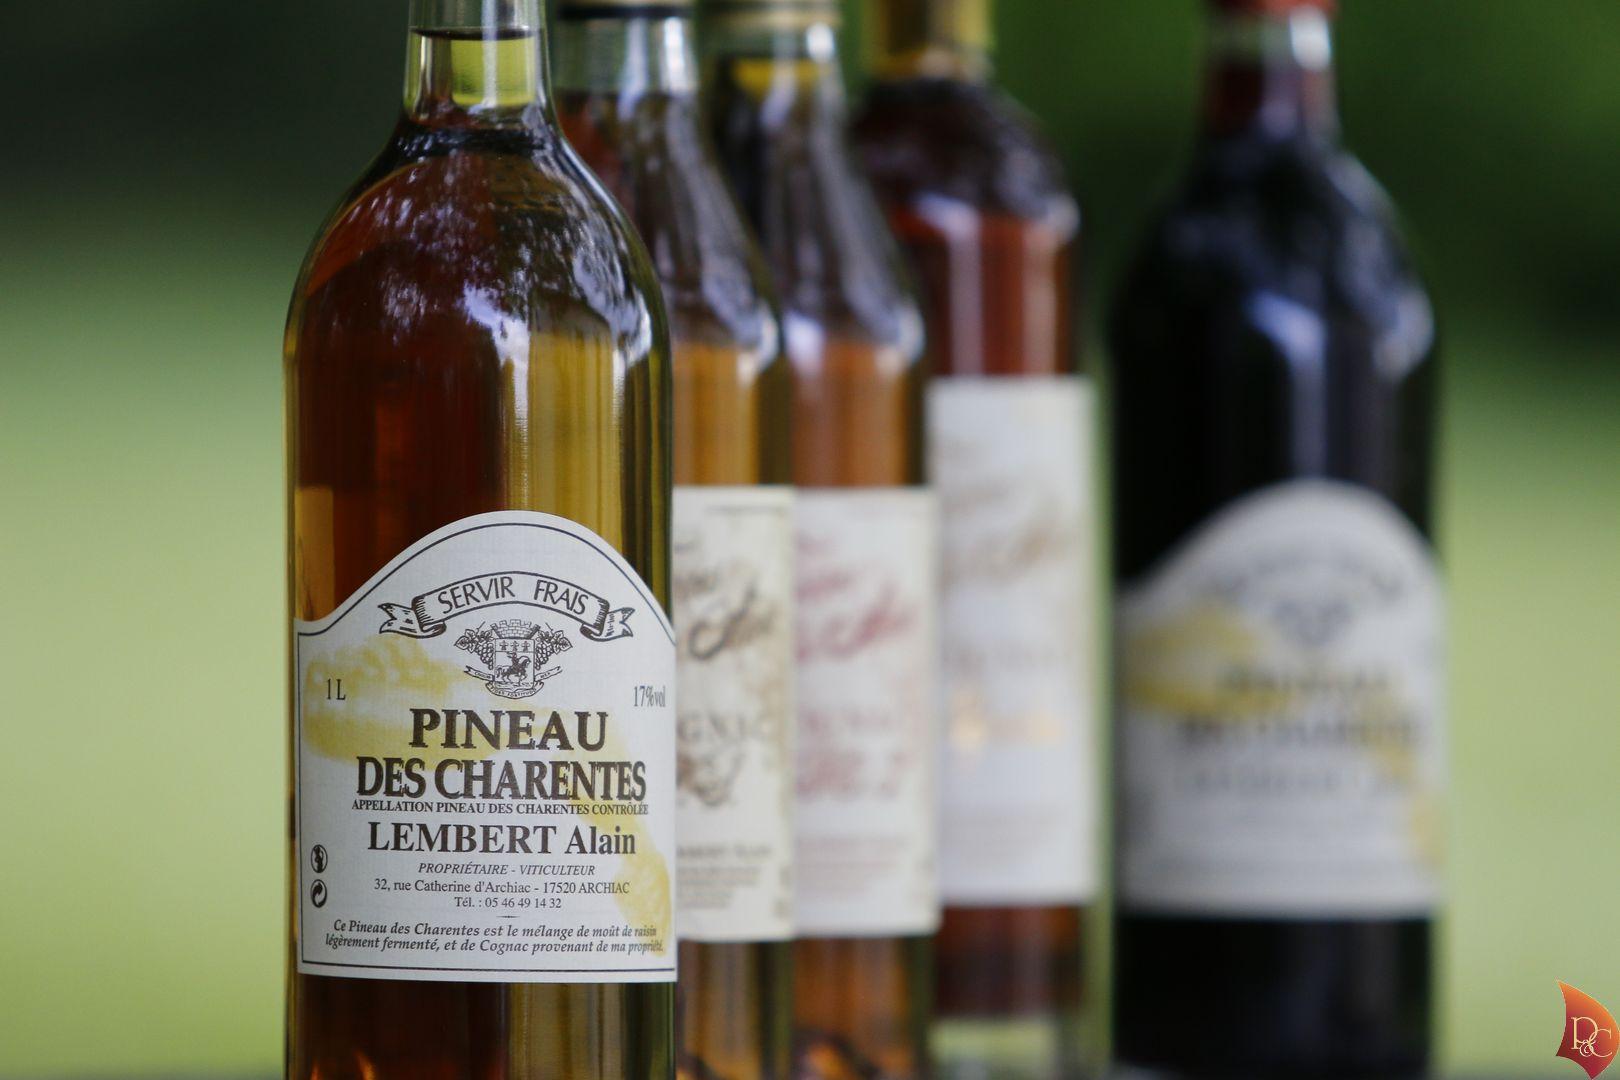 P&C Pineau des Charentes blanc